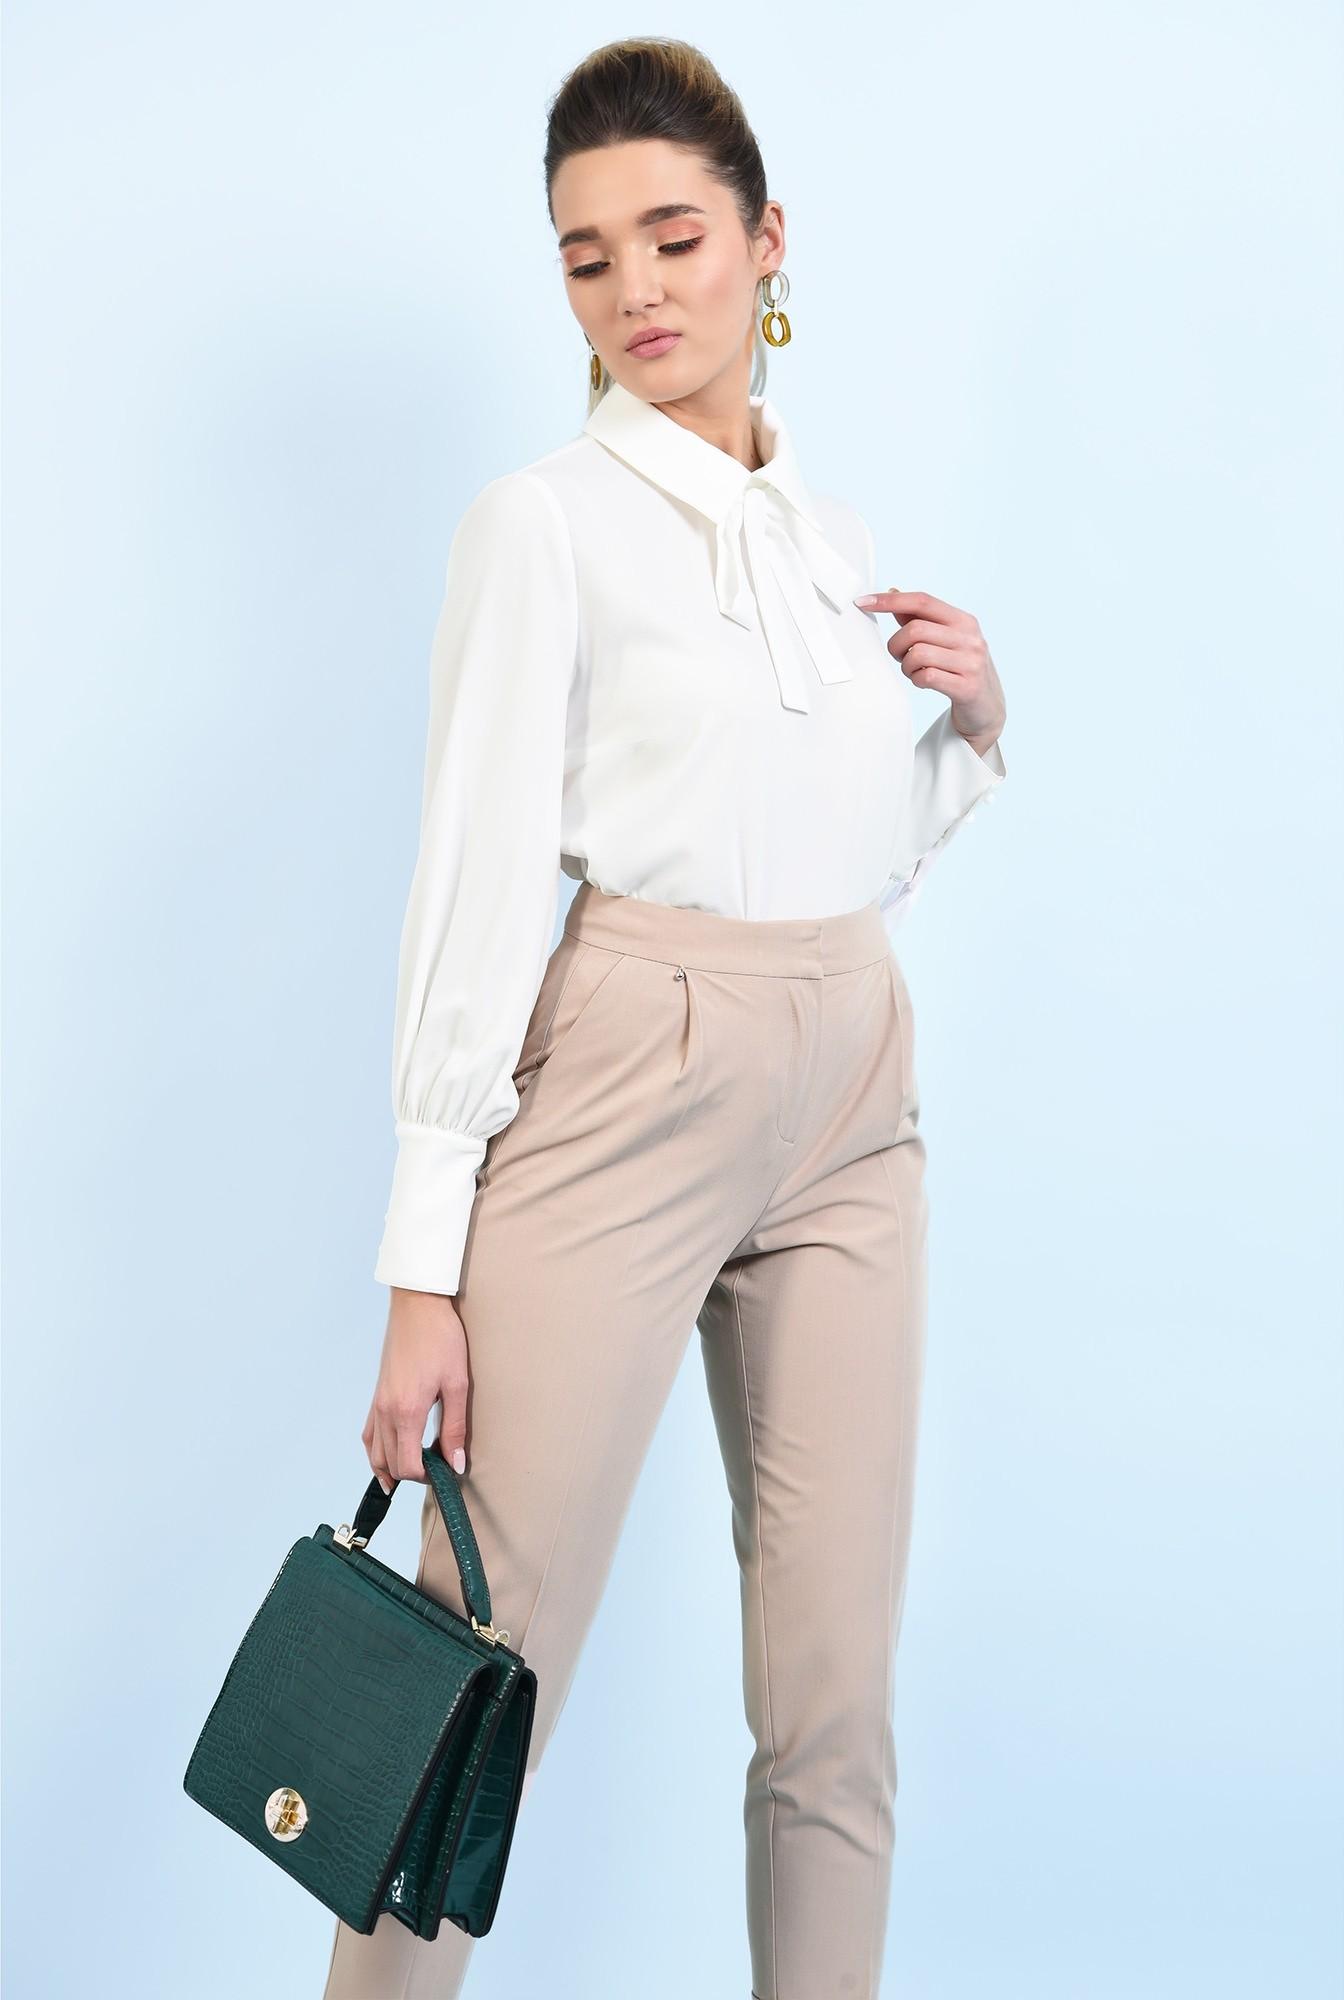 0 - bluza office, alba, cu funda, maneci lungi, guler ascutit